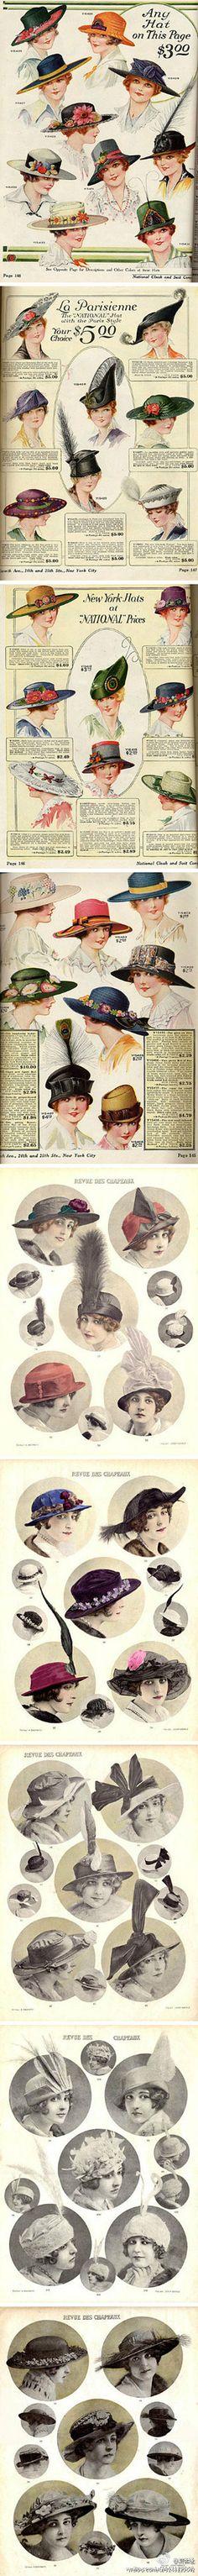 欧洲40年代左右的女性帽子。时髦的帽子成为这个时代最常用的装饰